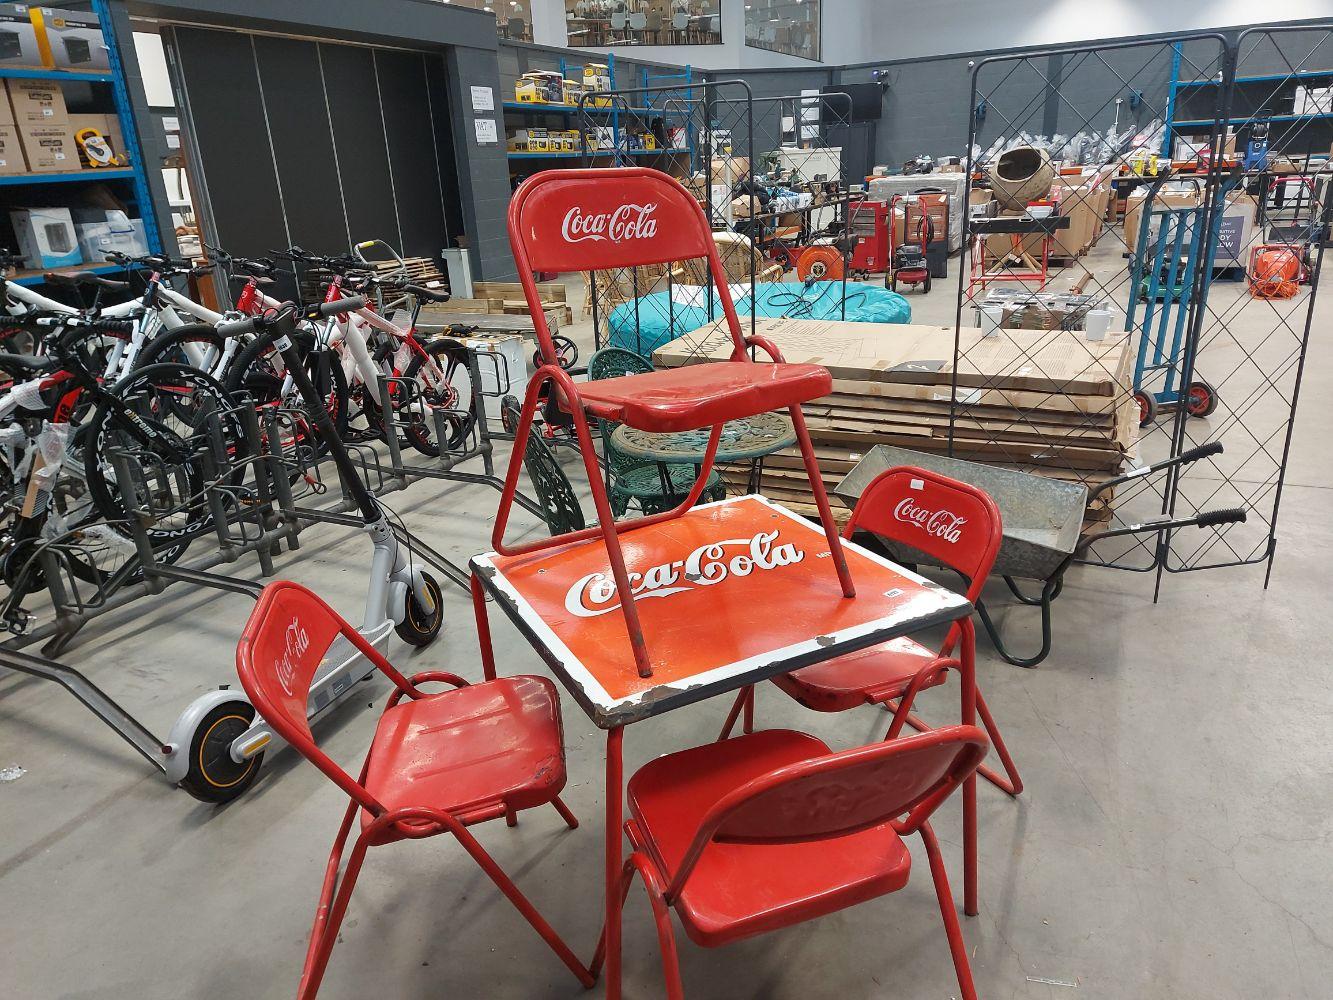 Saleroom 4 Machinery & Garden